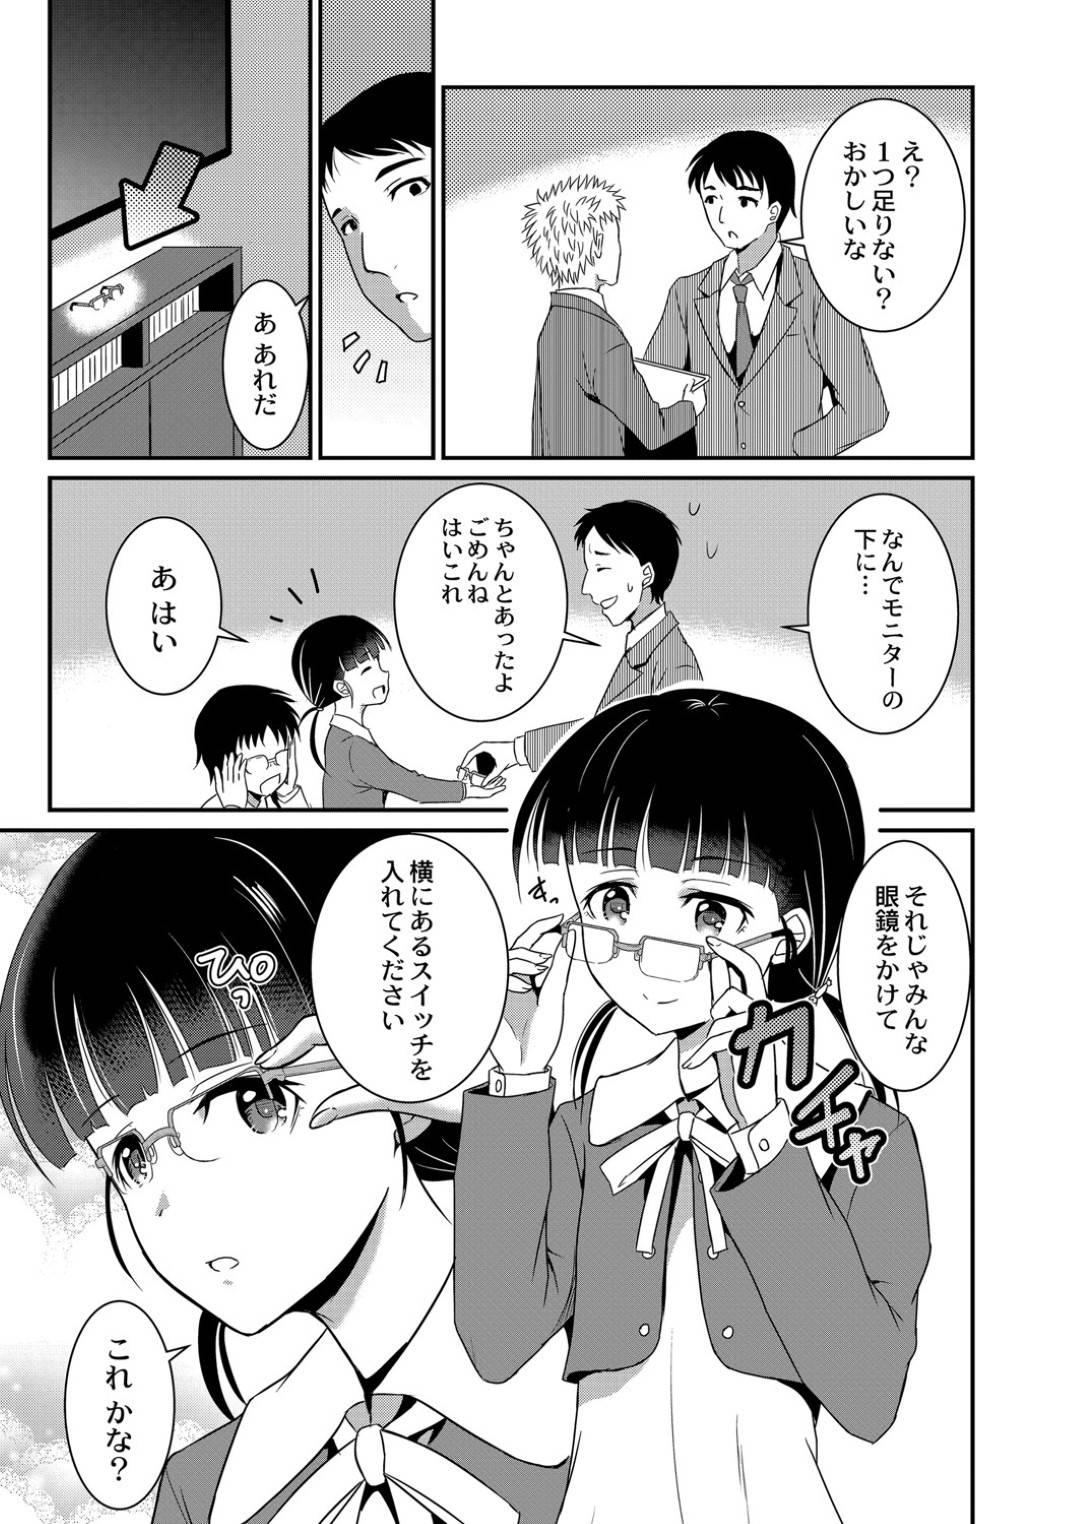 【エロ漫画】会社の職業体験に来たロリは、VRを付けたら偉いおじさんに鬼畜レイプされ二穴同時に責められ処女を奪われる